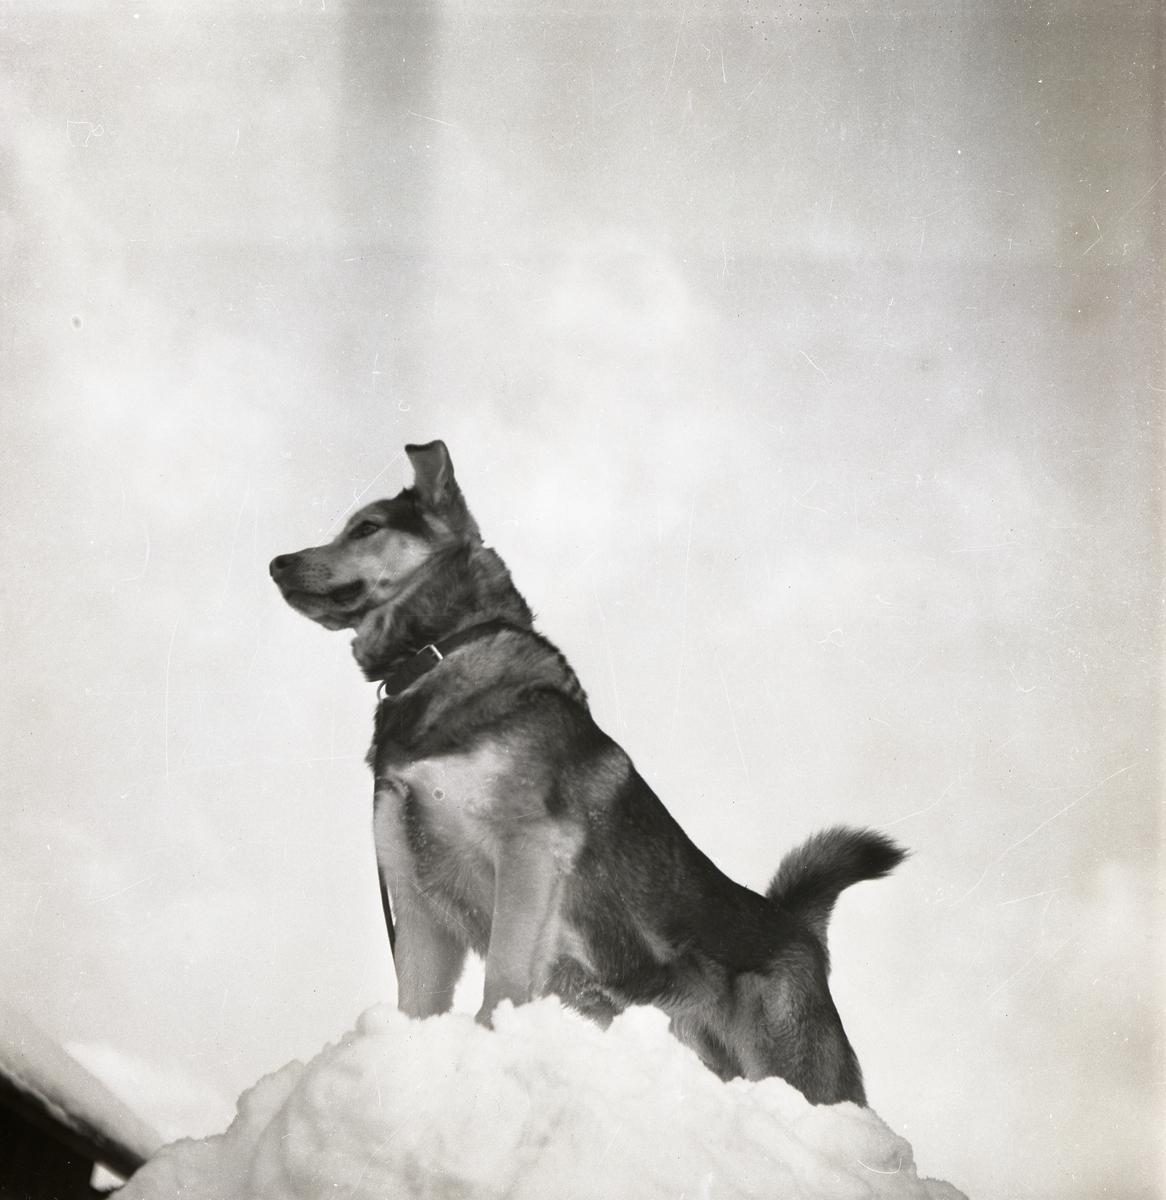 En hund står på en snöhög, 12 februari 1951.